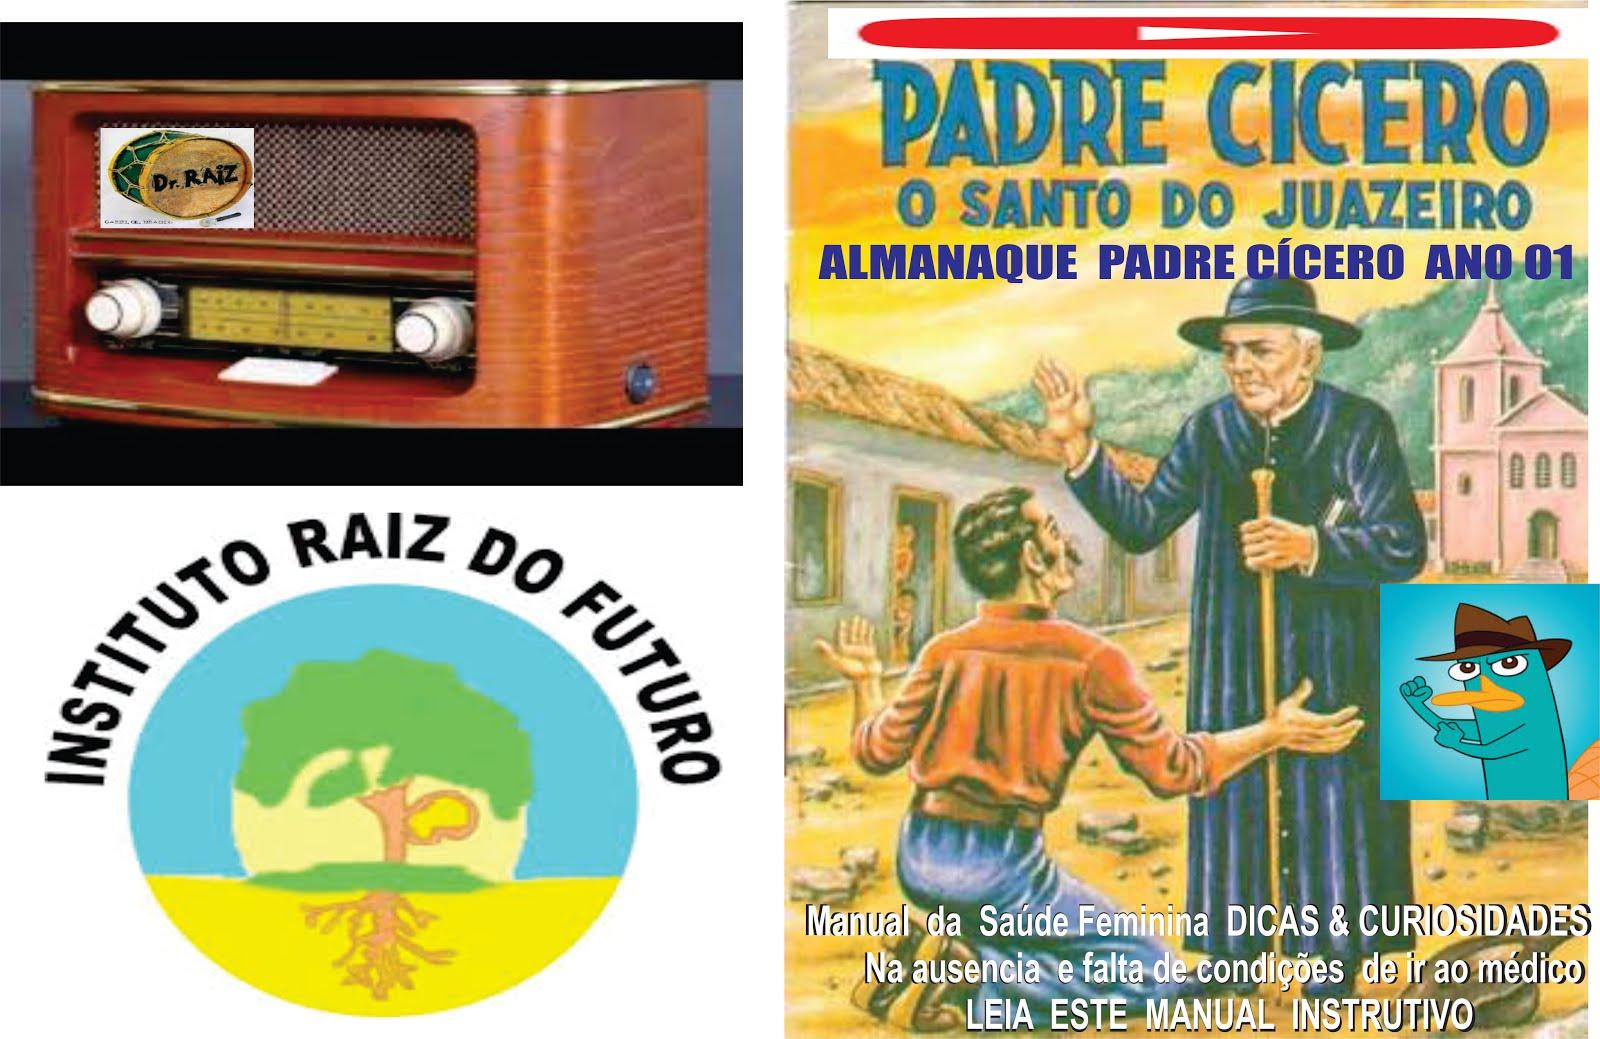 CORDEL  DE CULTURA  RAIZ NORDESTINA